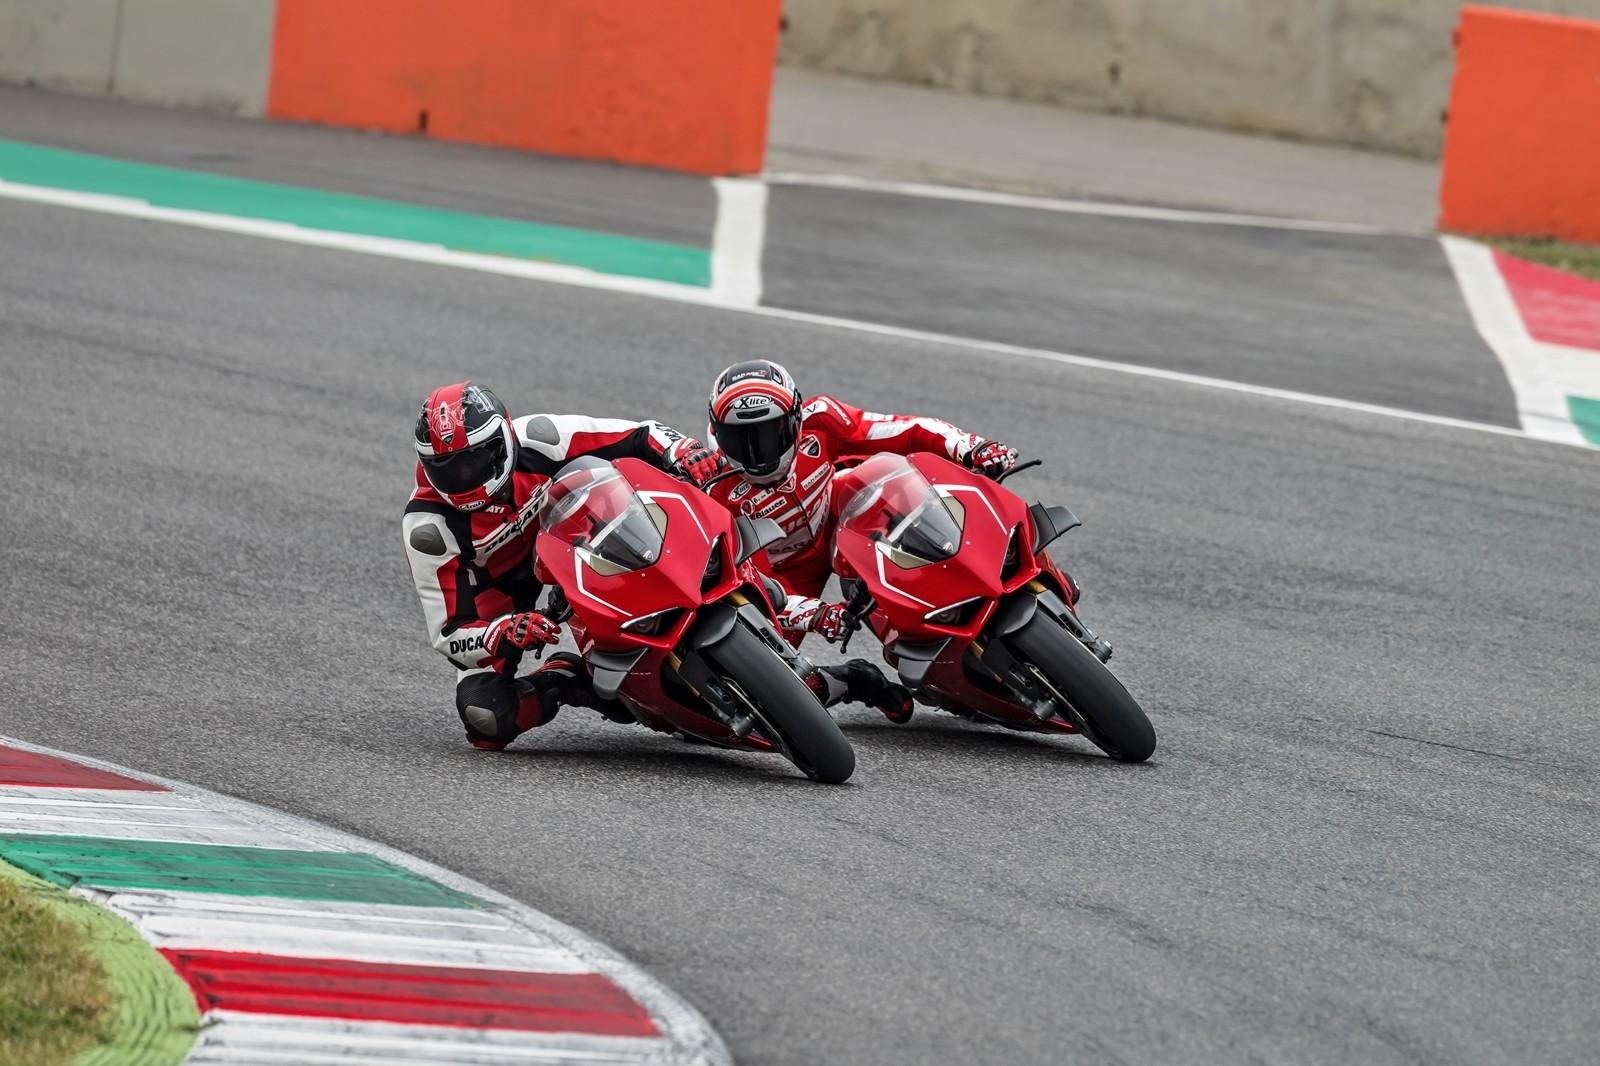 Foto de Ducati Panigale V4 R 2019 (15/87)